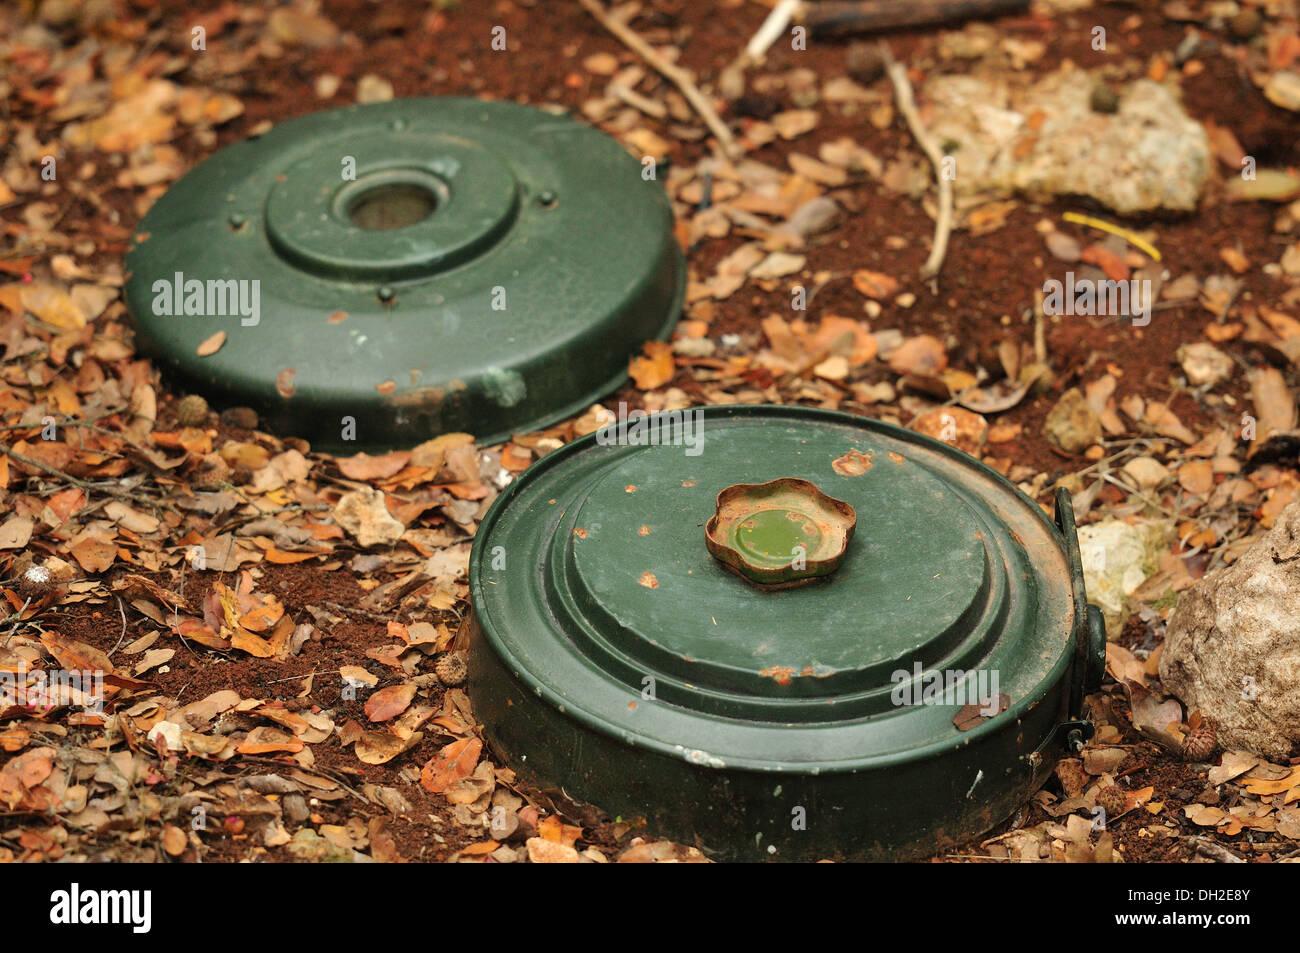 El M15 es una gran mina antitanque estadounidense circular minas explosivas, Mleeta, Museo de Hezbolá, al sur del Líbano. Imagen De Stock